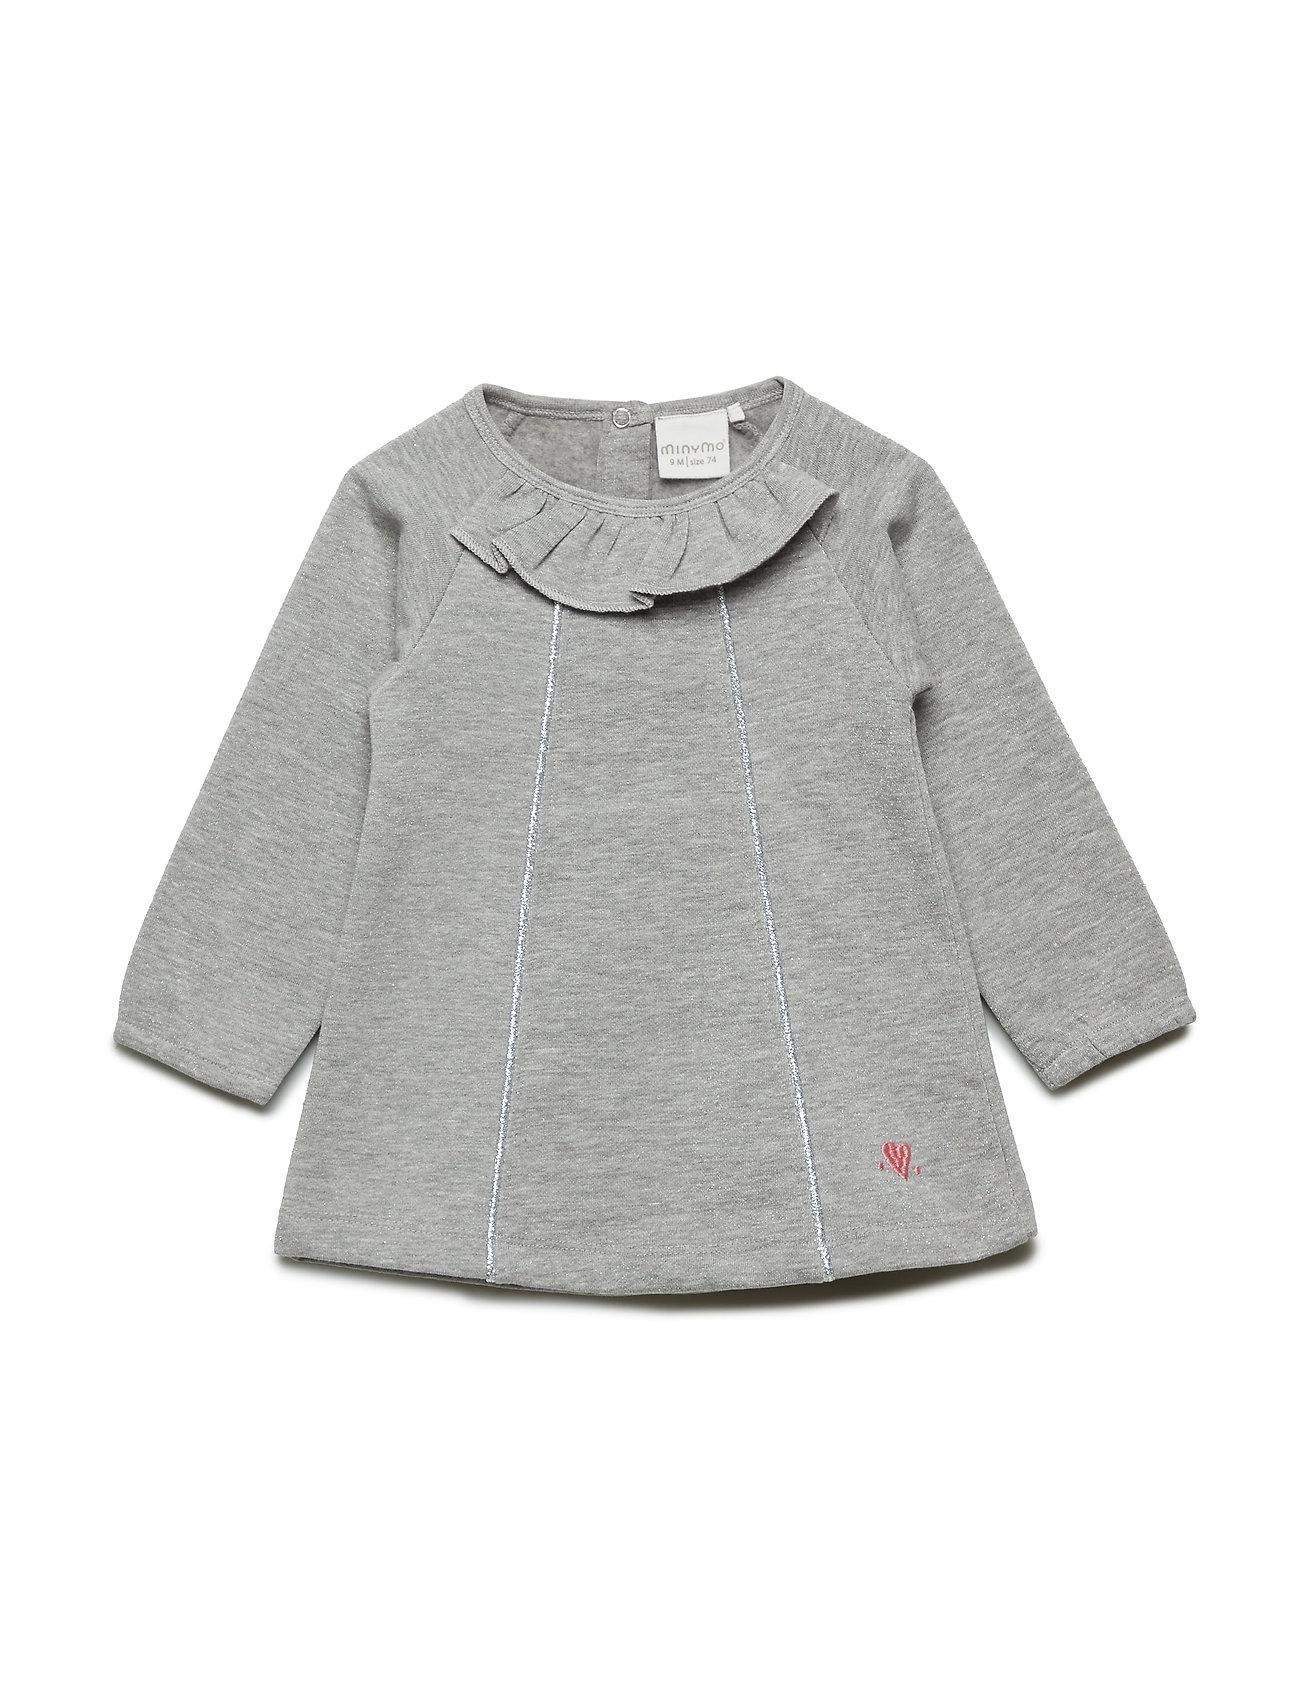 Sweat Dress Ls - Minymo